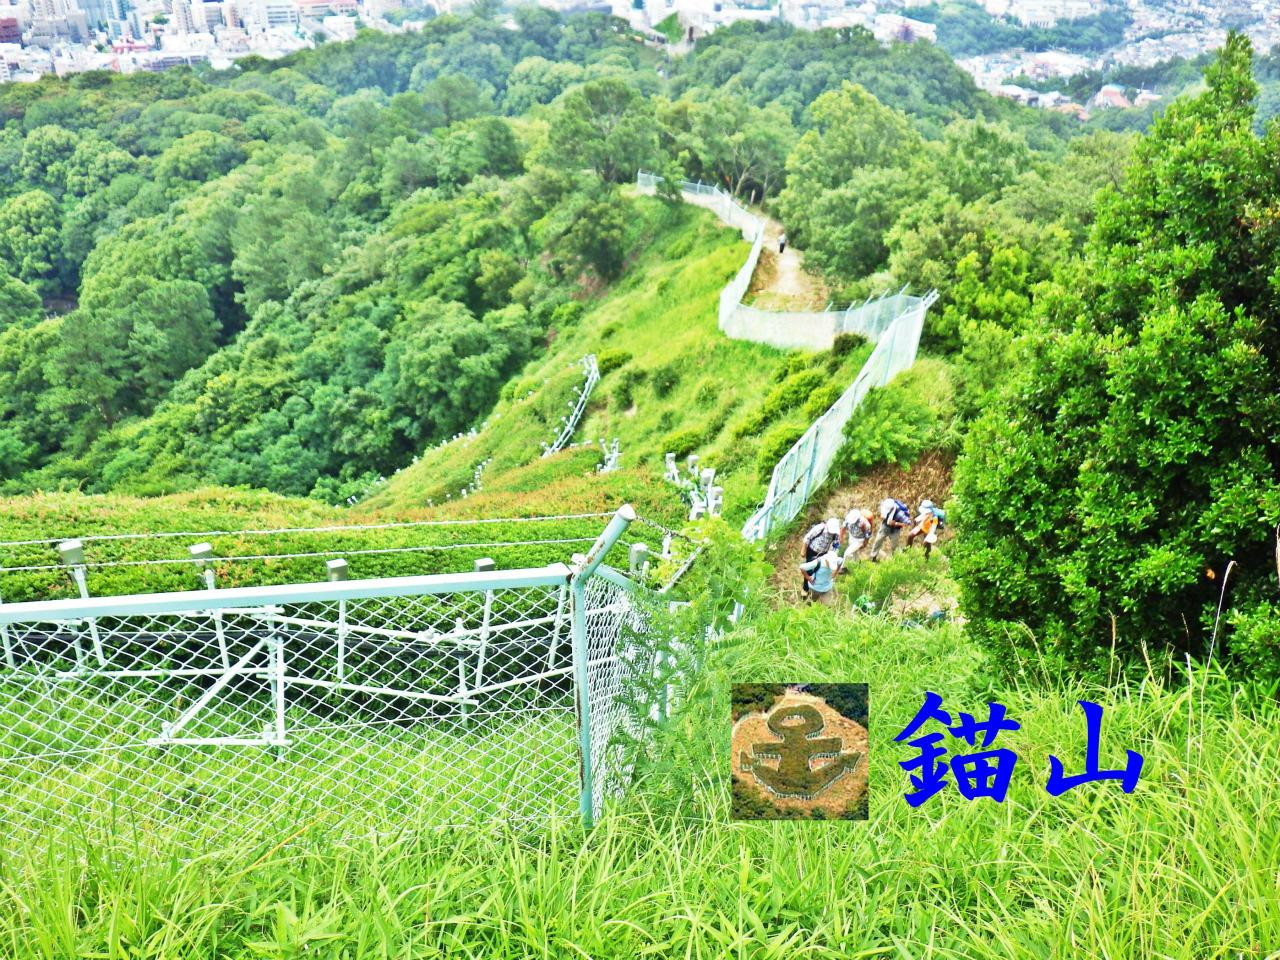 11a 錨山の電飾の柵